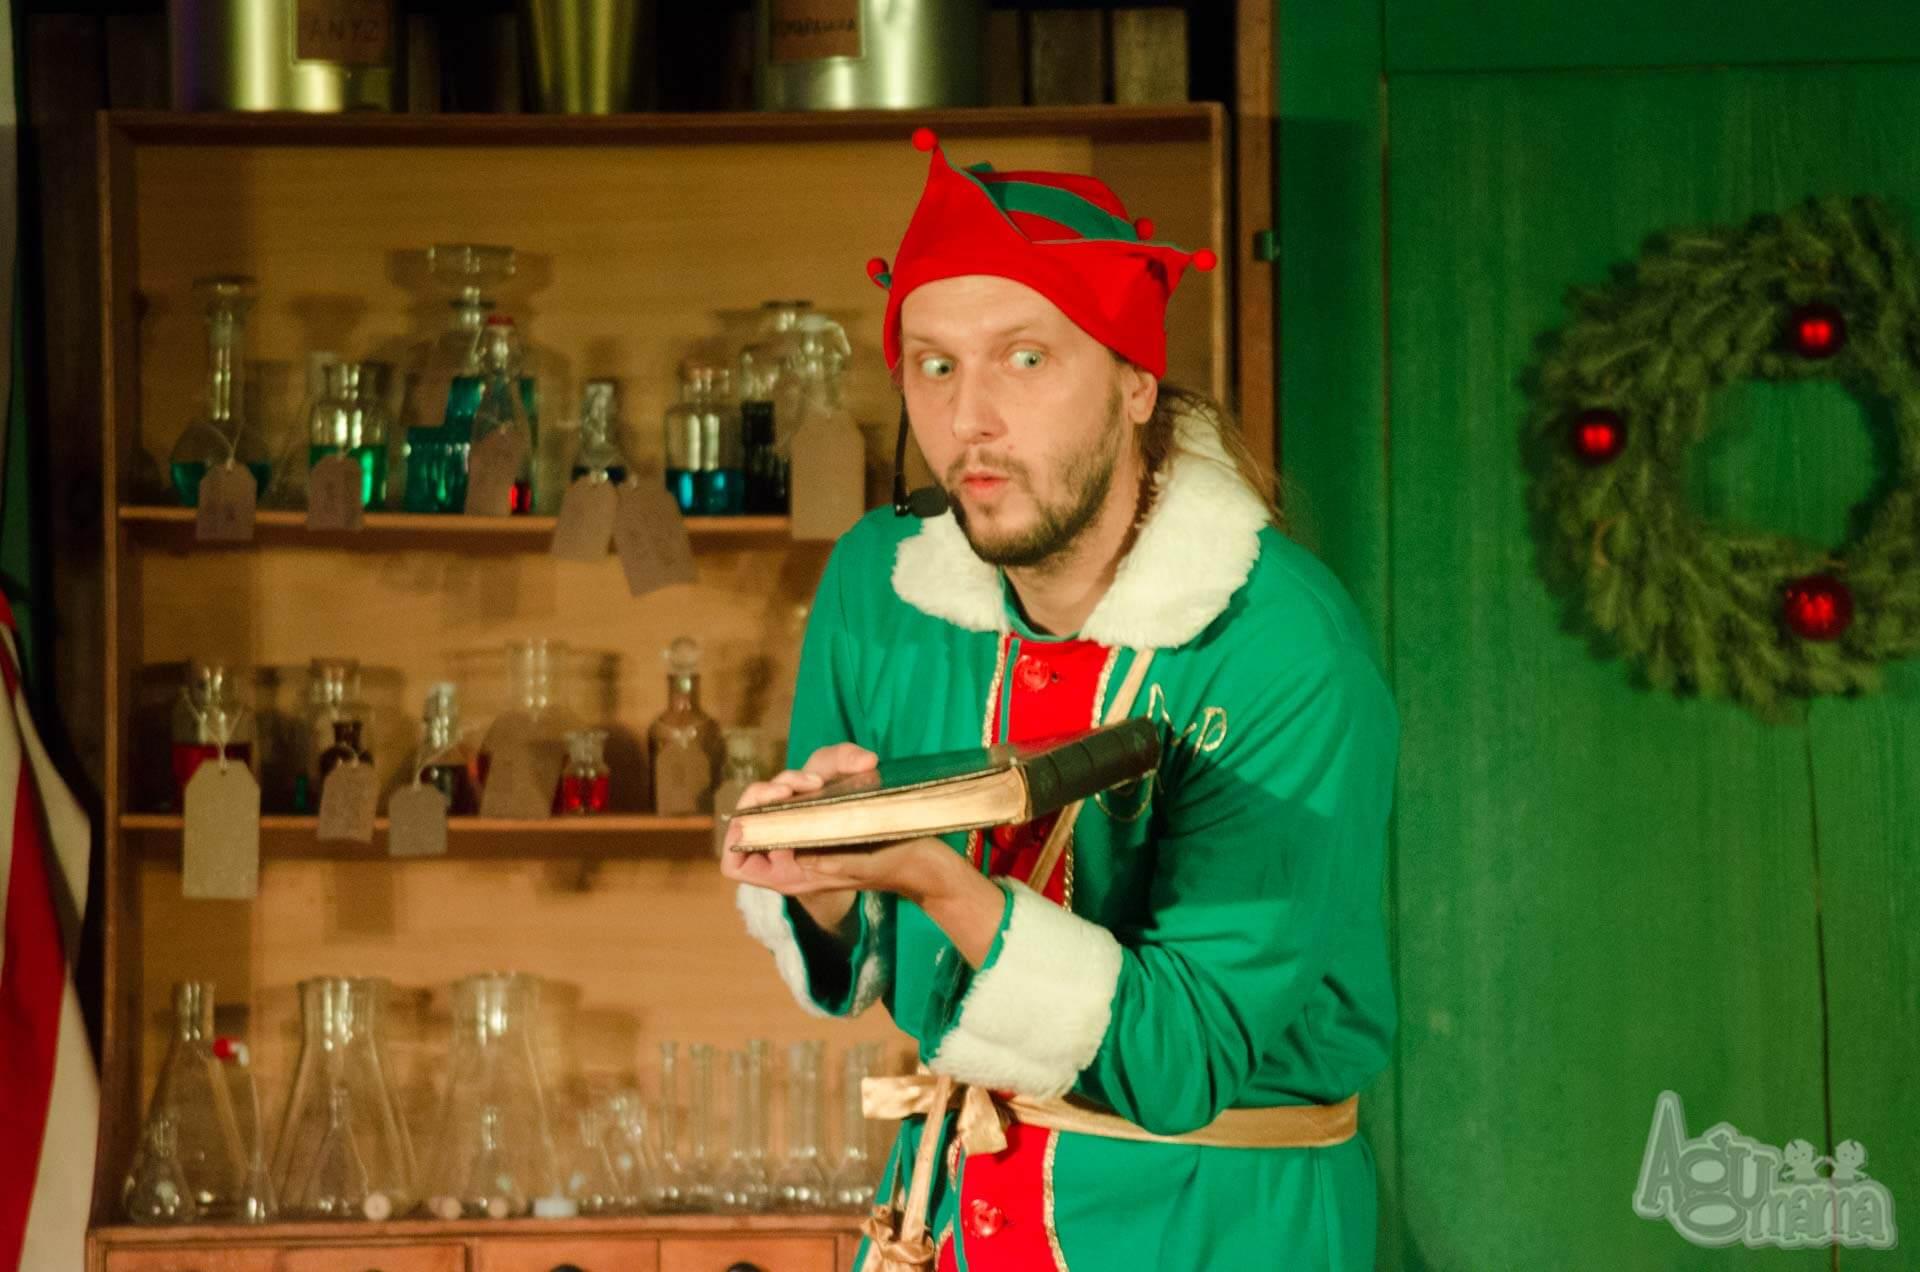 wielka fabryka elfów elf ważniak